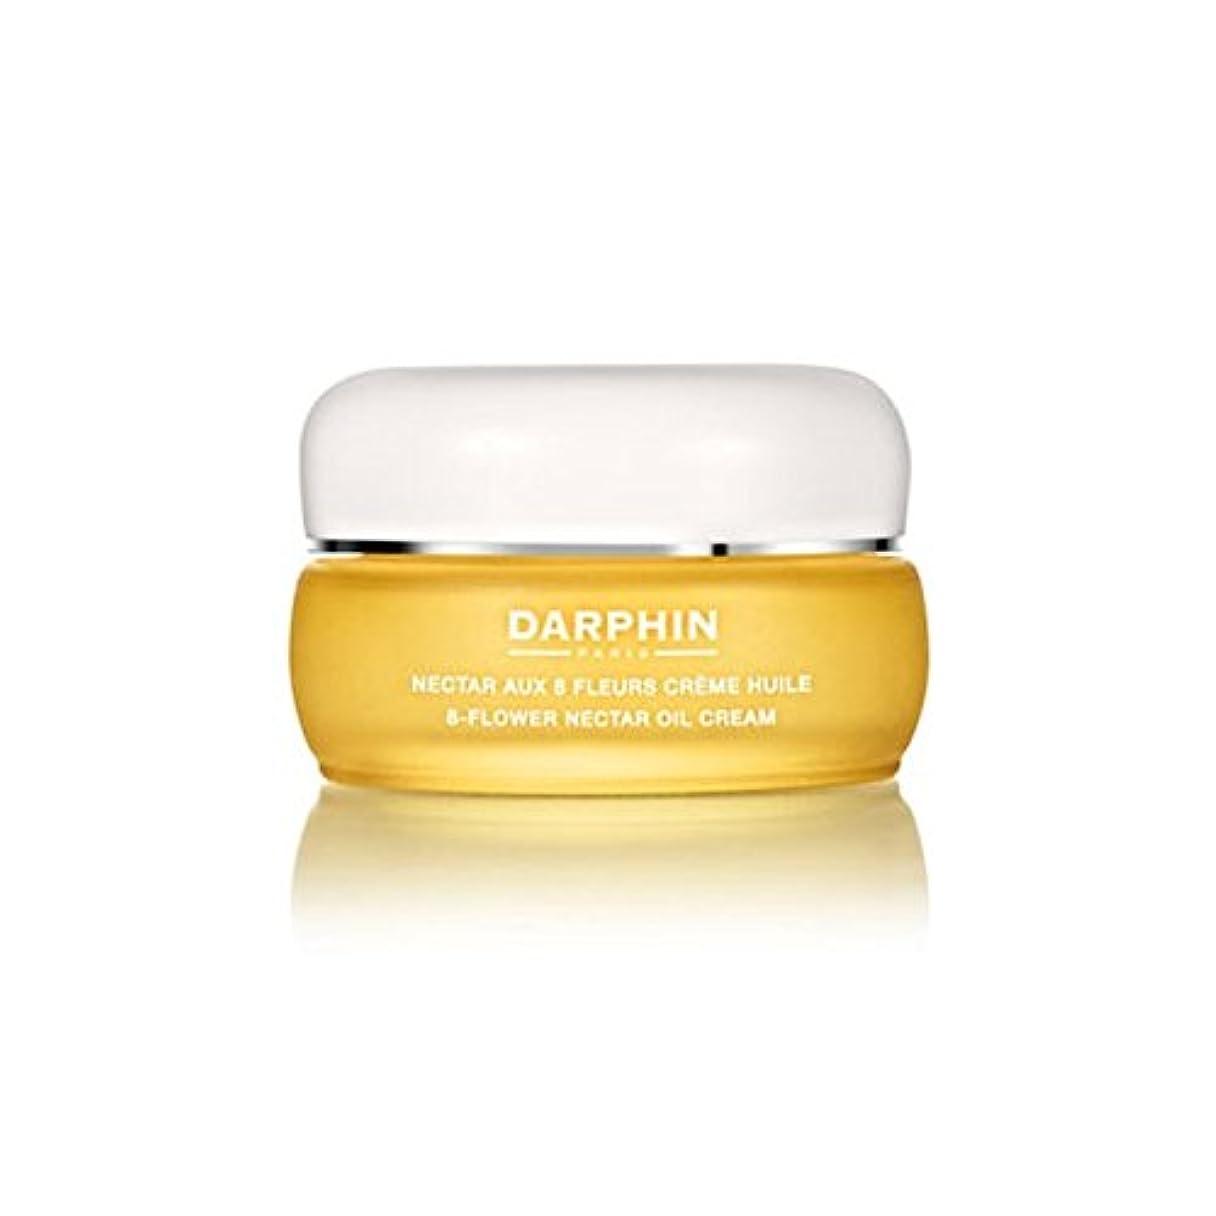 理論的アンプ宝ダルファン8フラワー油クリーム(30ミリリットル) x2 - Darphin 8-Flower Oil Cream (30ml) (Pack of 2) [並行輸入品]